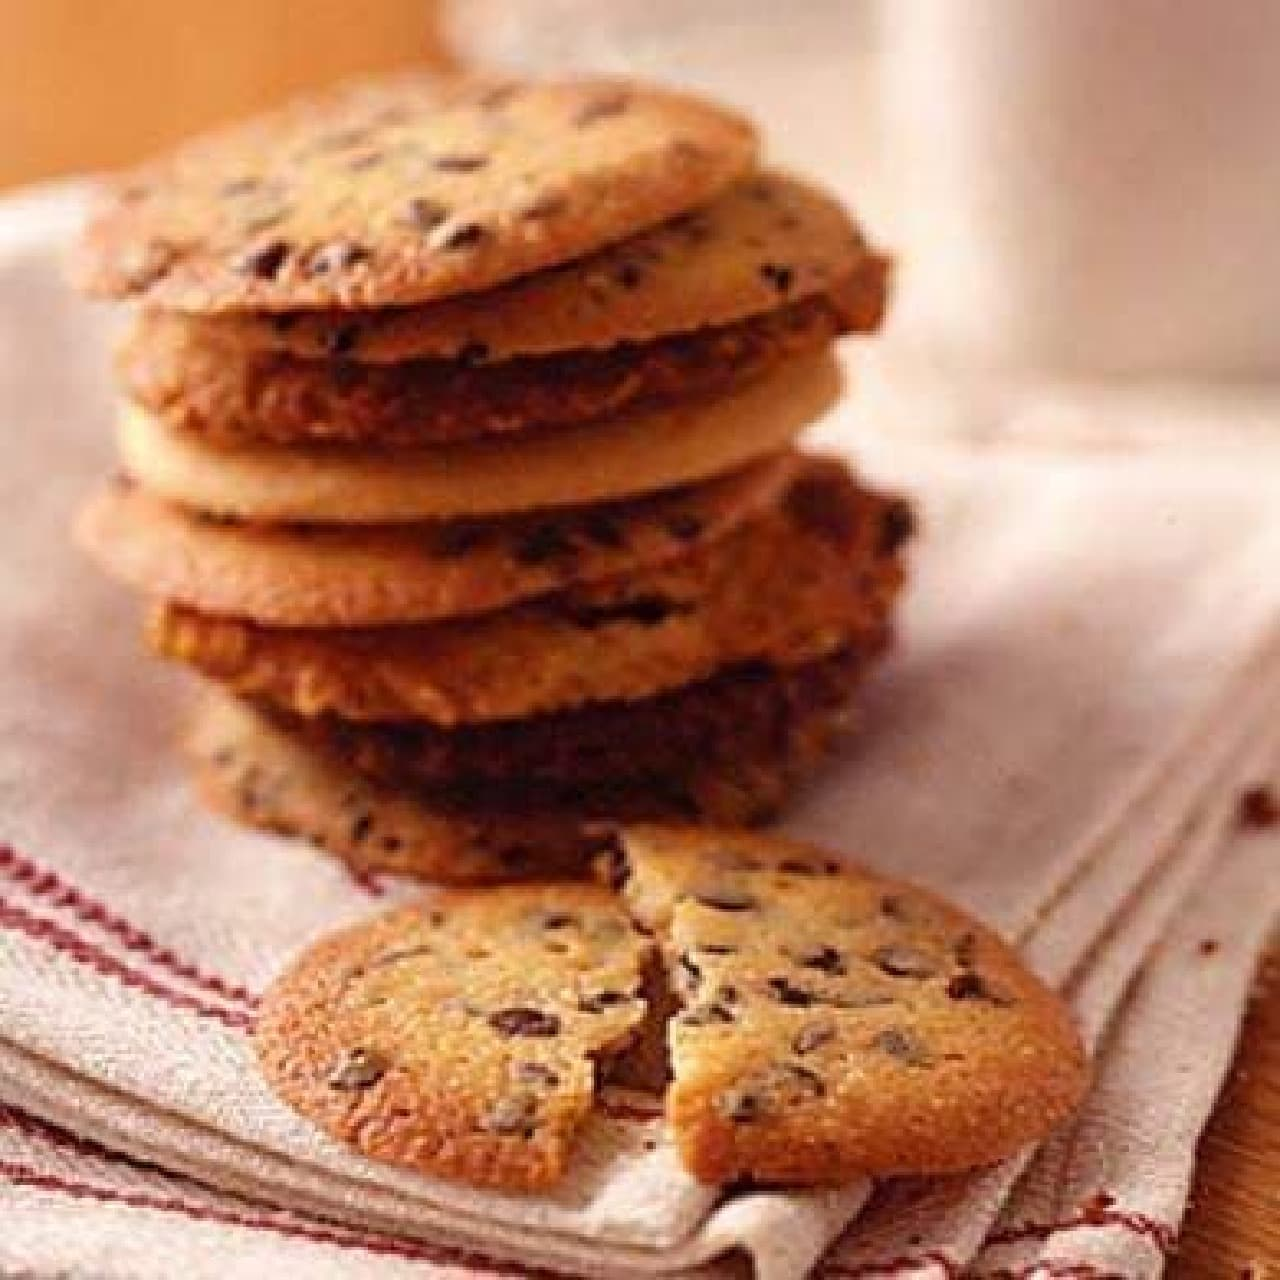 クッキー食べ放題のカフェがお台場に!  (画像出典:ステラおばさんのクッキー公式Facebookページ)